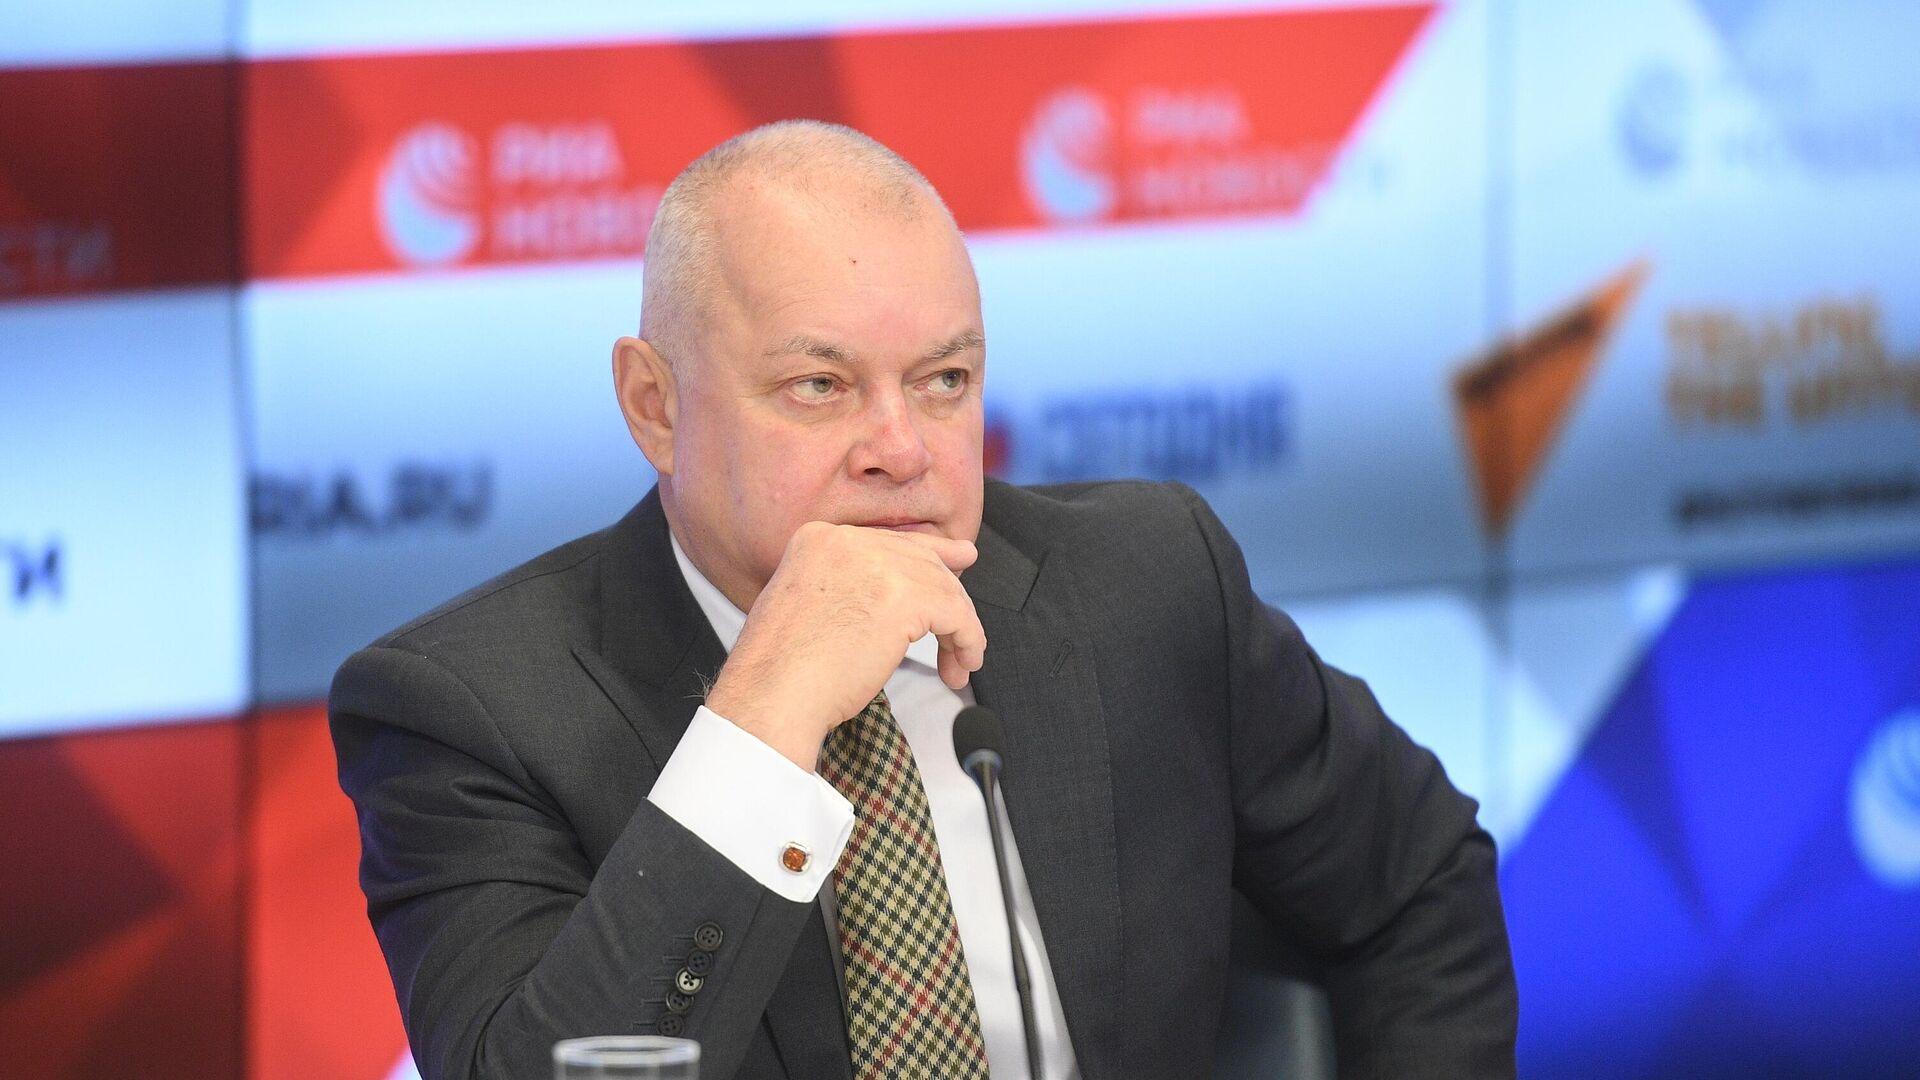 Генеральный директор МИА Россия сегодня Дмитрий Киселев - РИА Новости, 1920, 11.09.2020